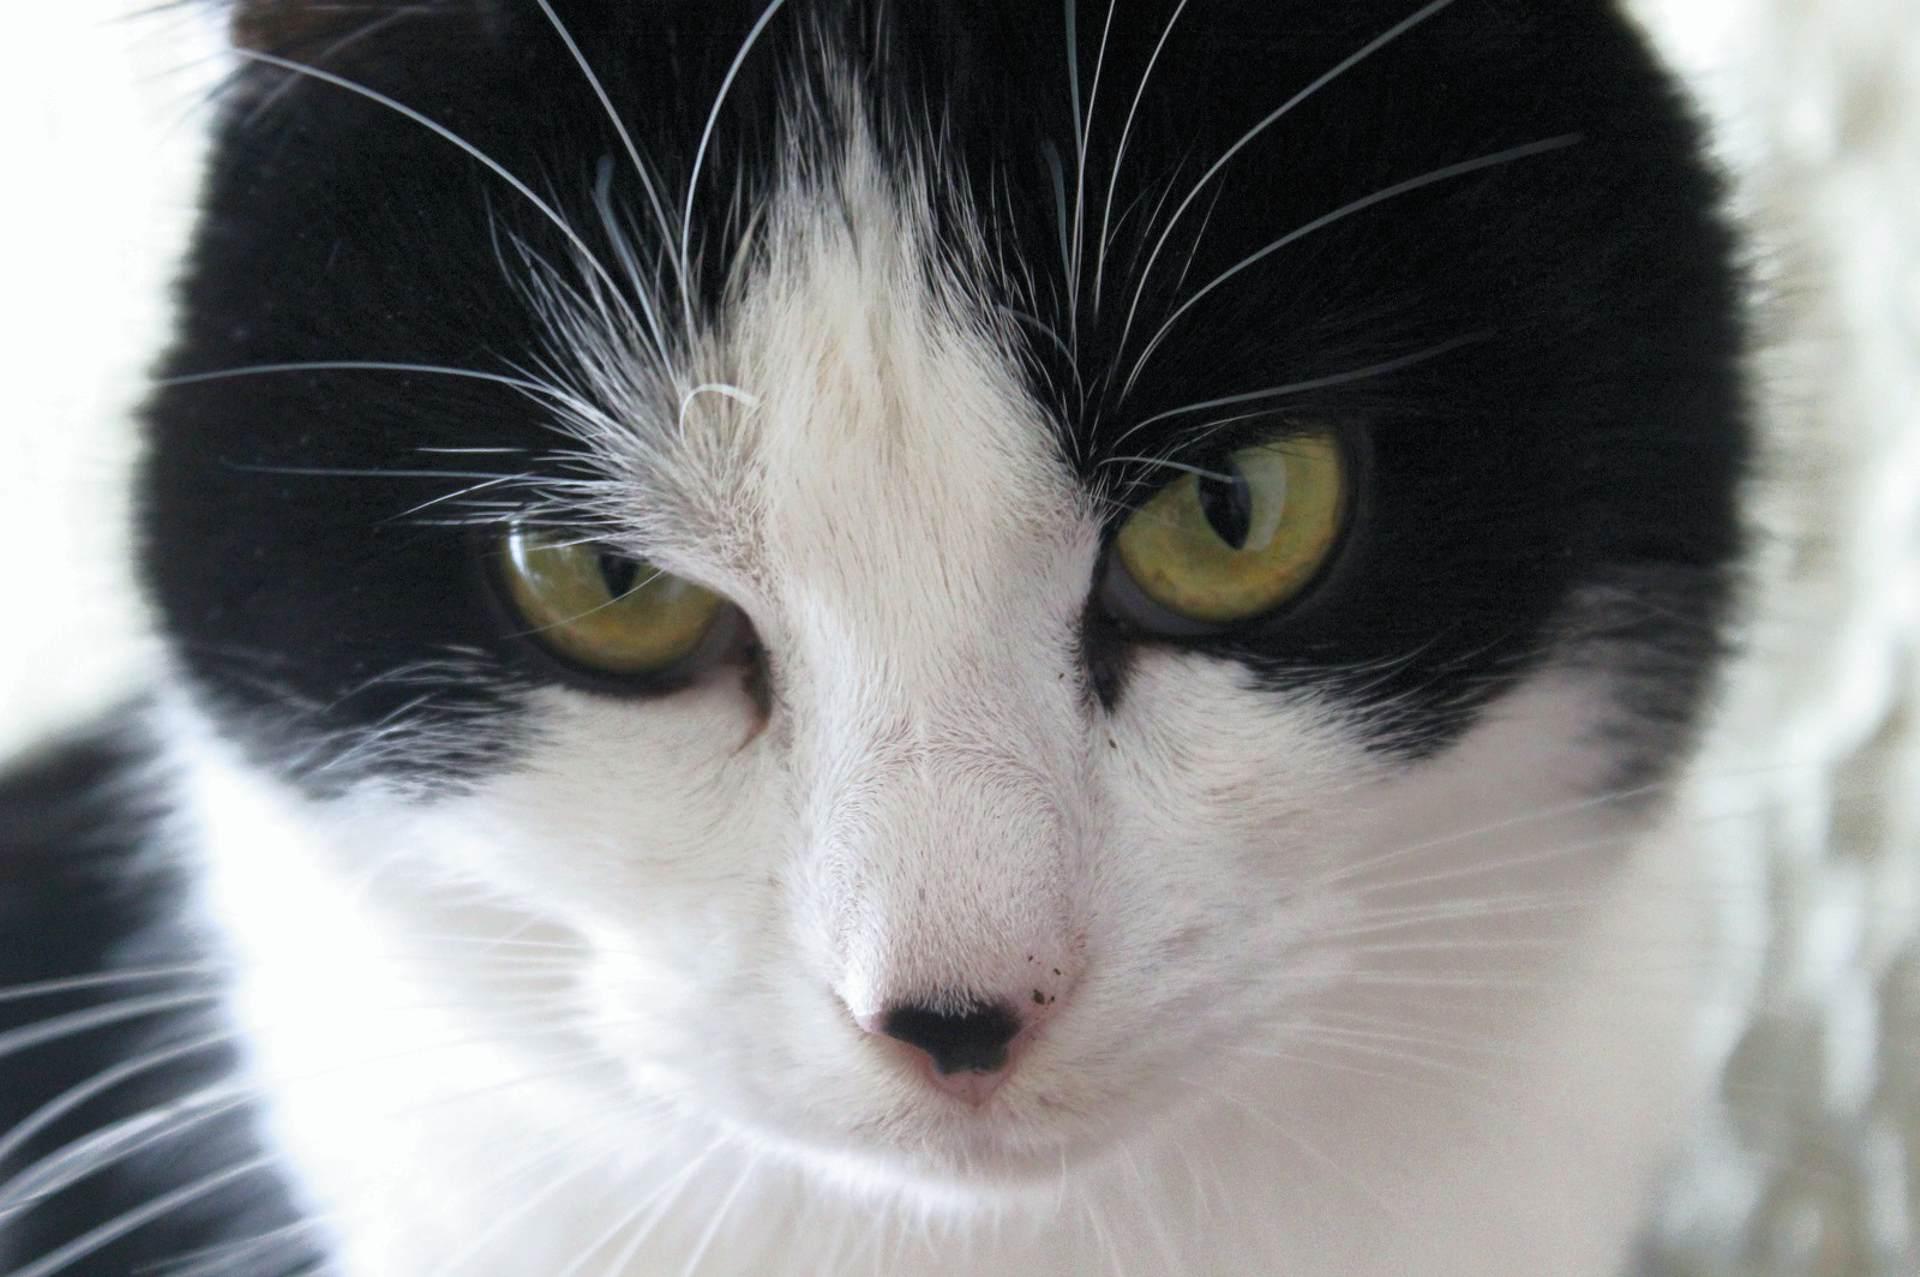 Katze_Sylvie_closeup01